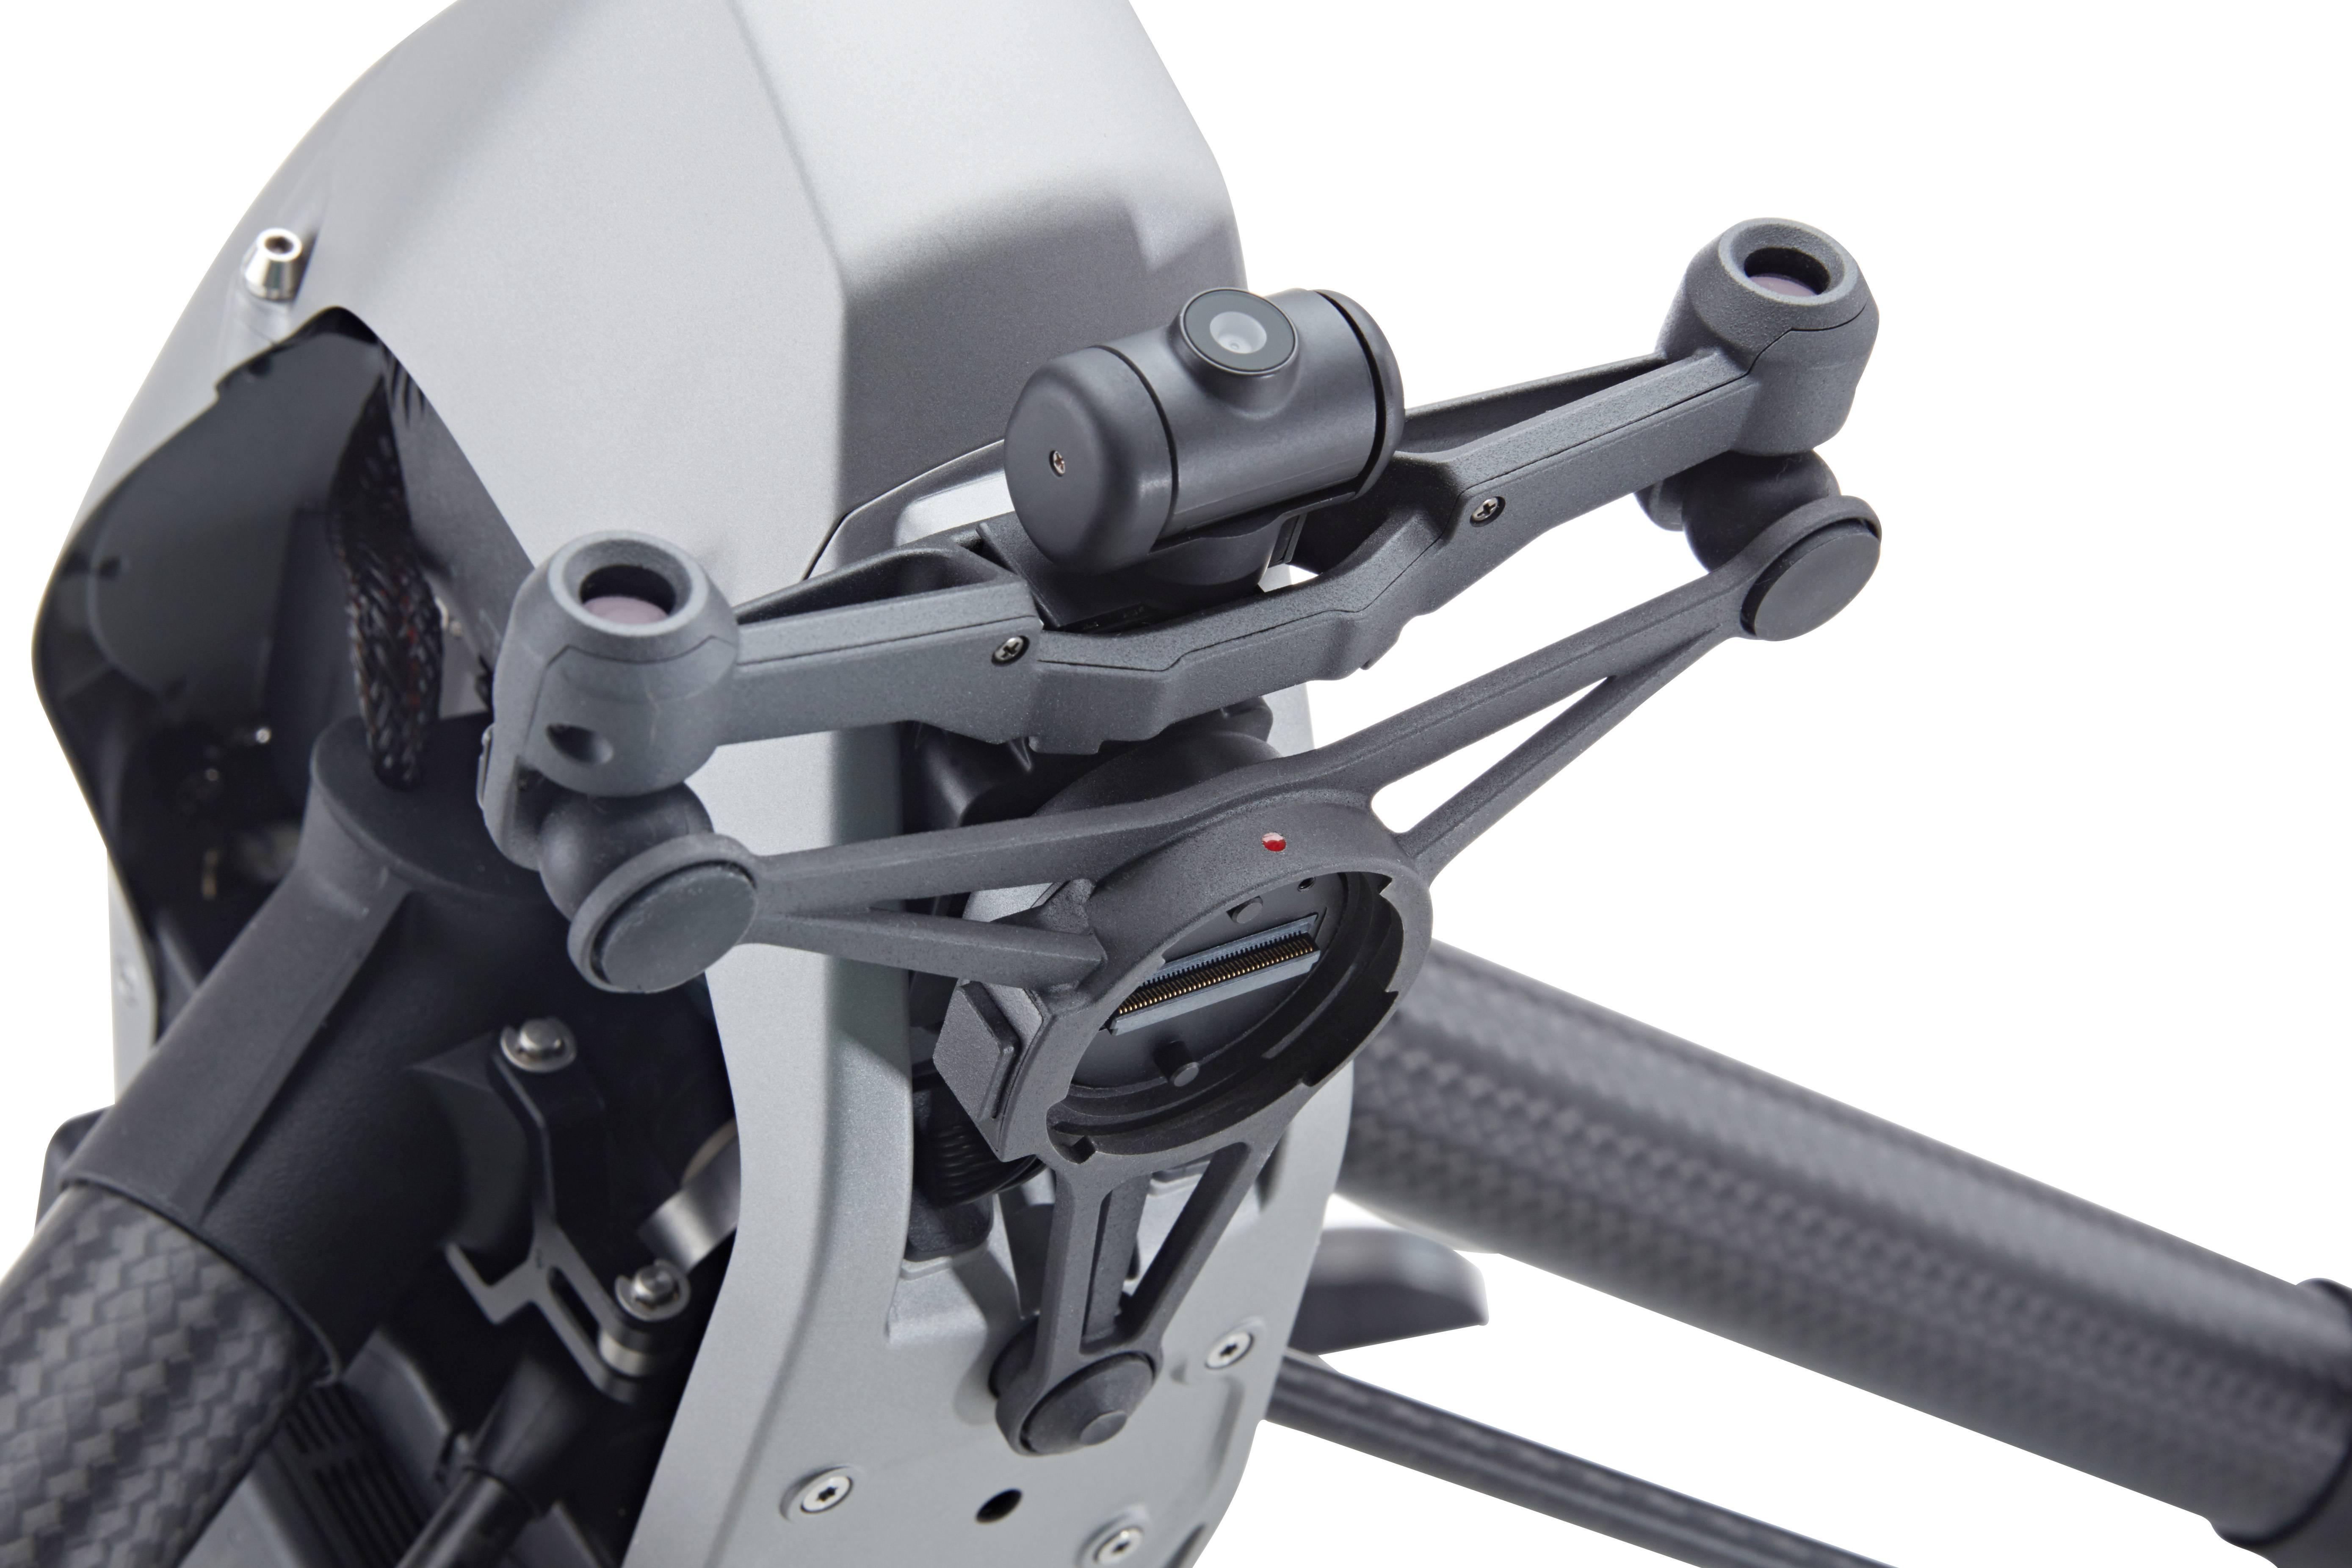 前方用于避障的双目视觉传感器和 FPV 摄像头